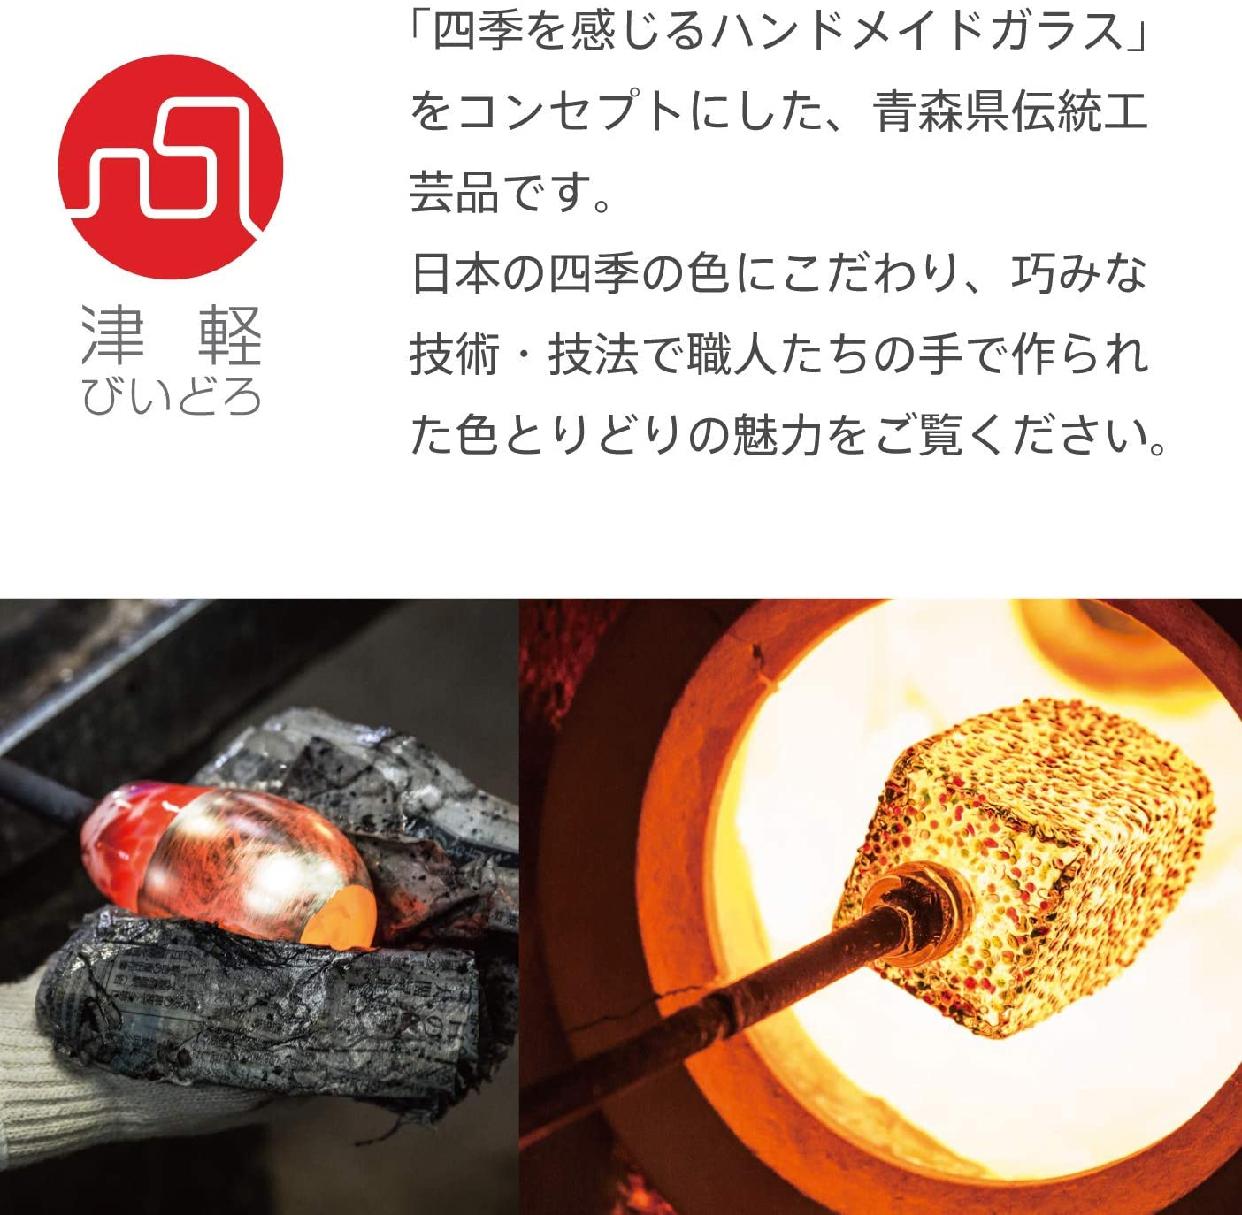 津軽びいどろ(ツガルビイドロ) 金彩ロックグラス 碧 300ml F71467の商品画像6